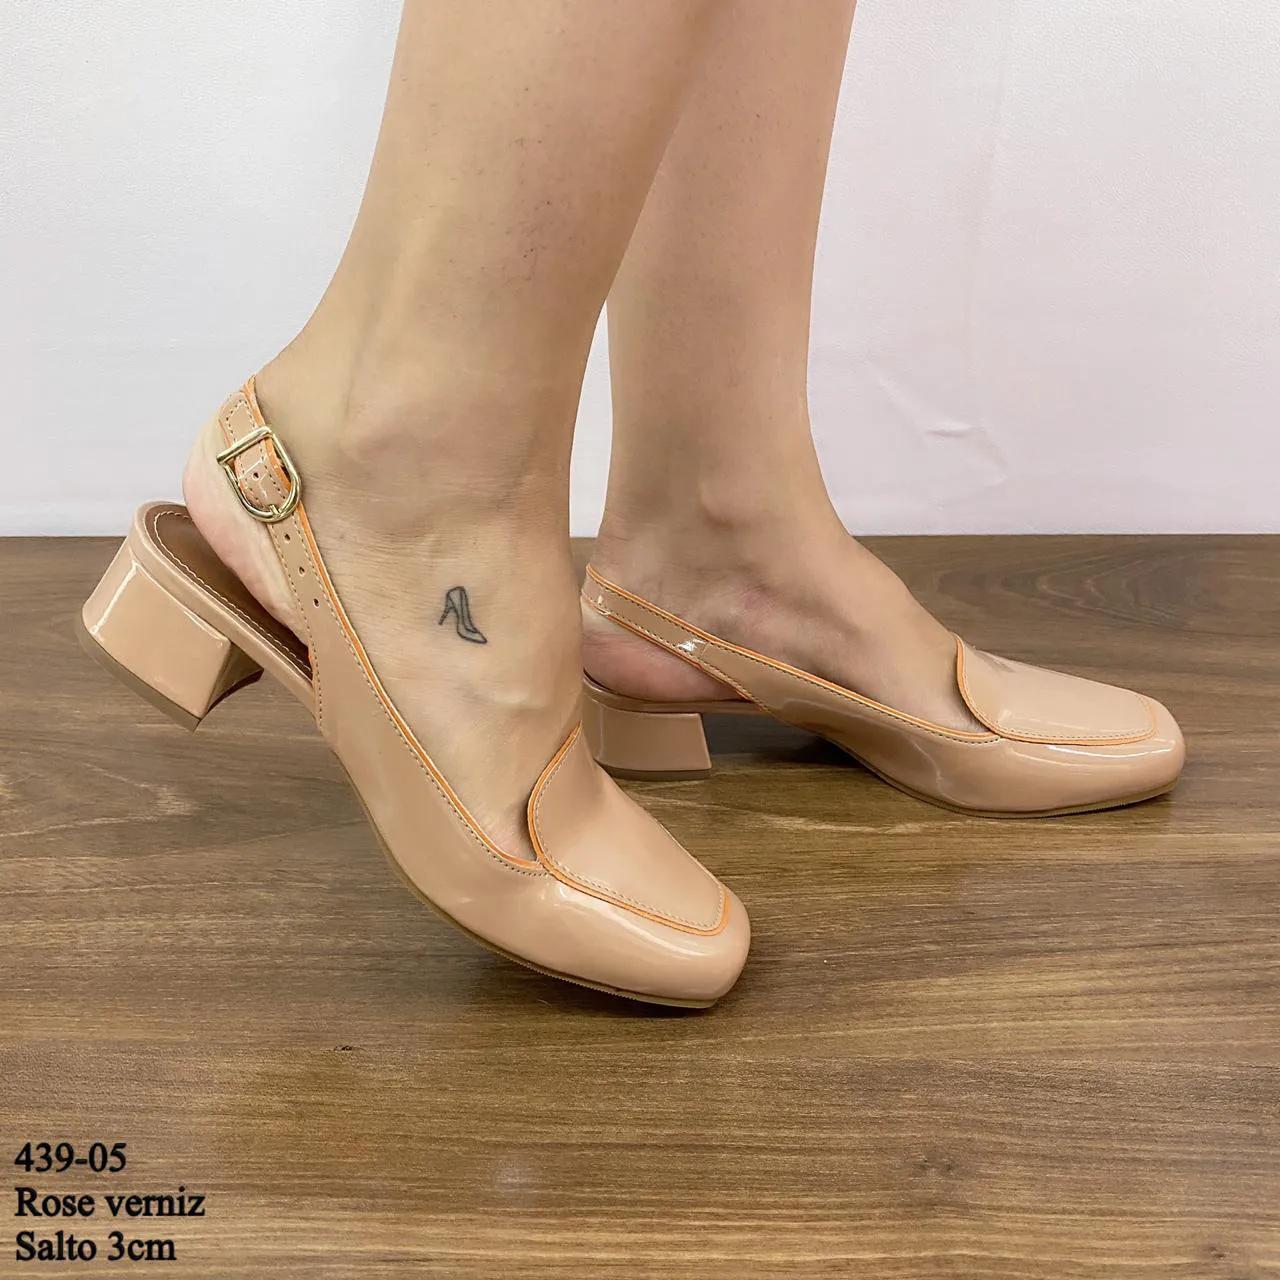 Chanel Bico Quadrado Rose Verniz  D-439-05